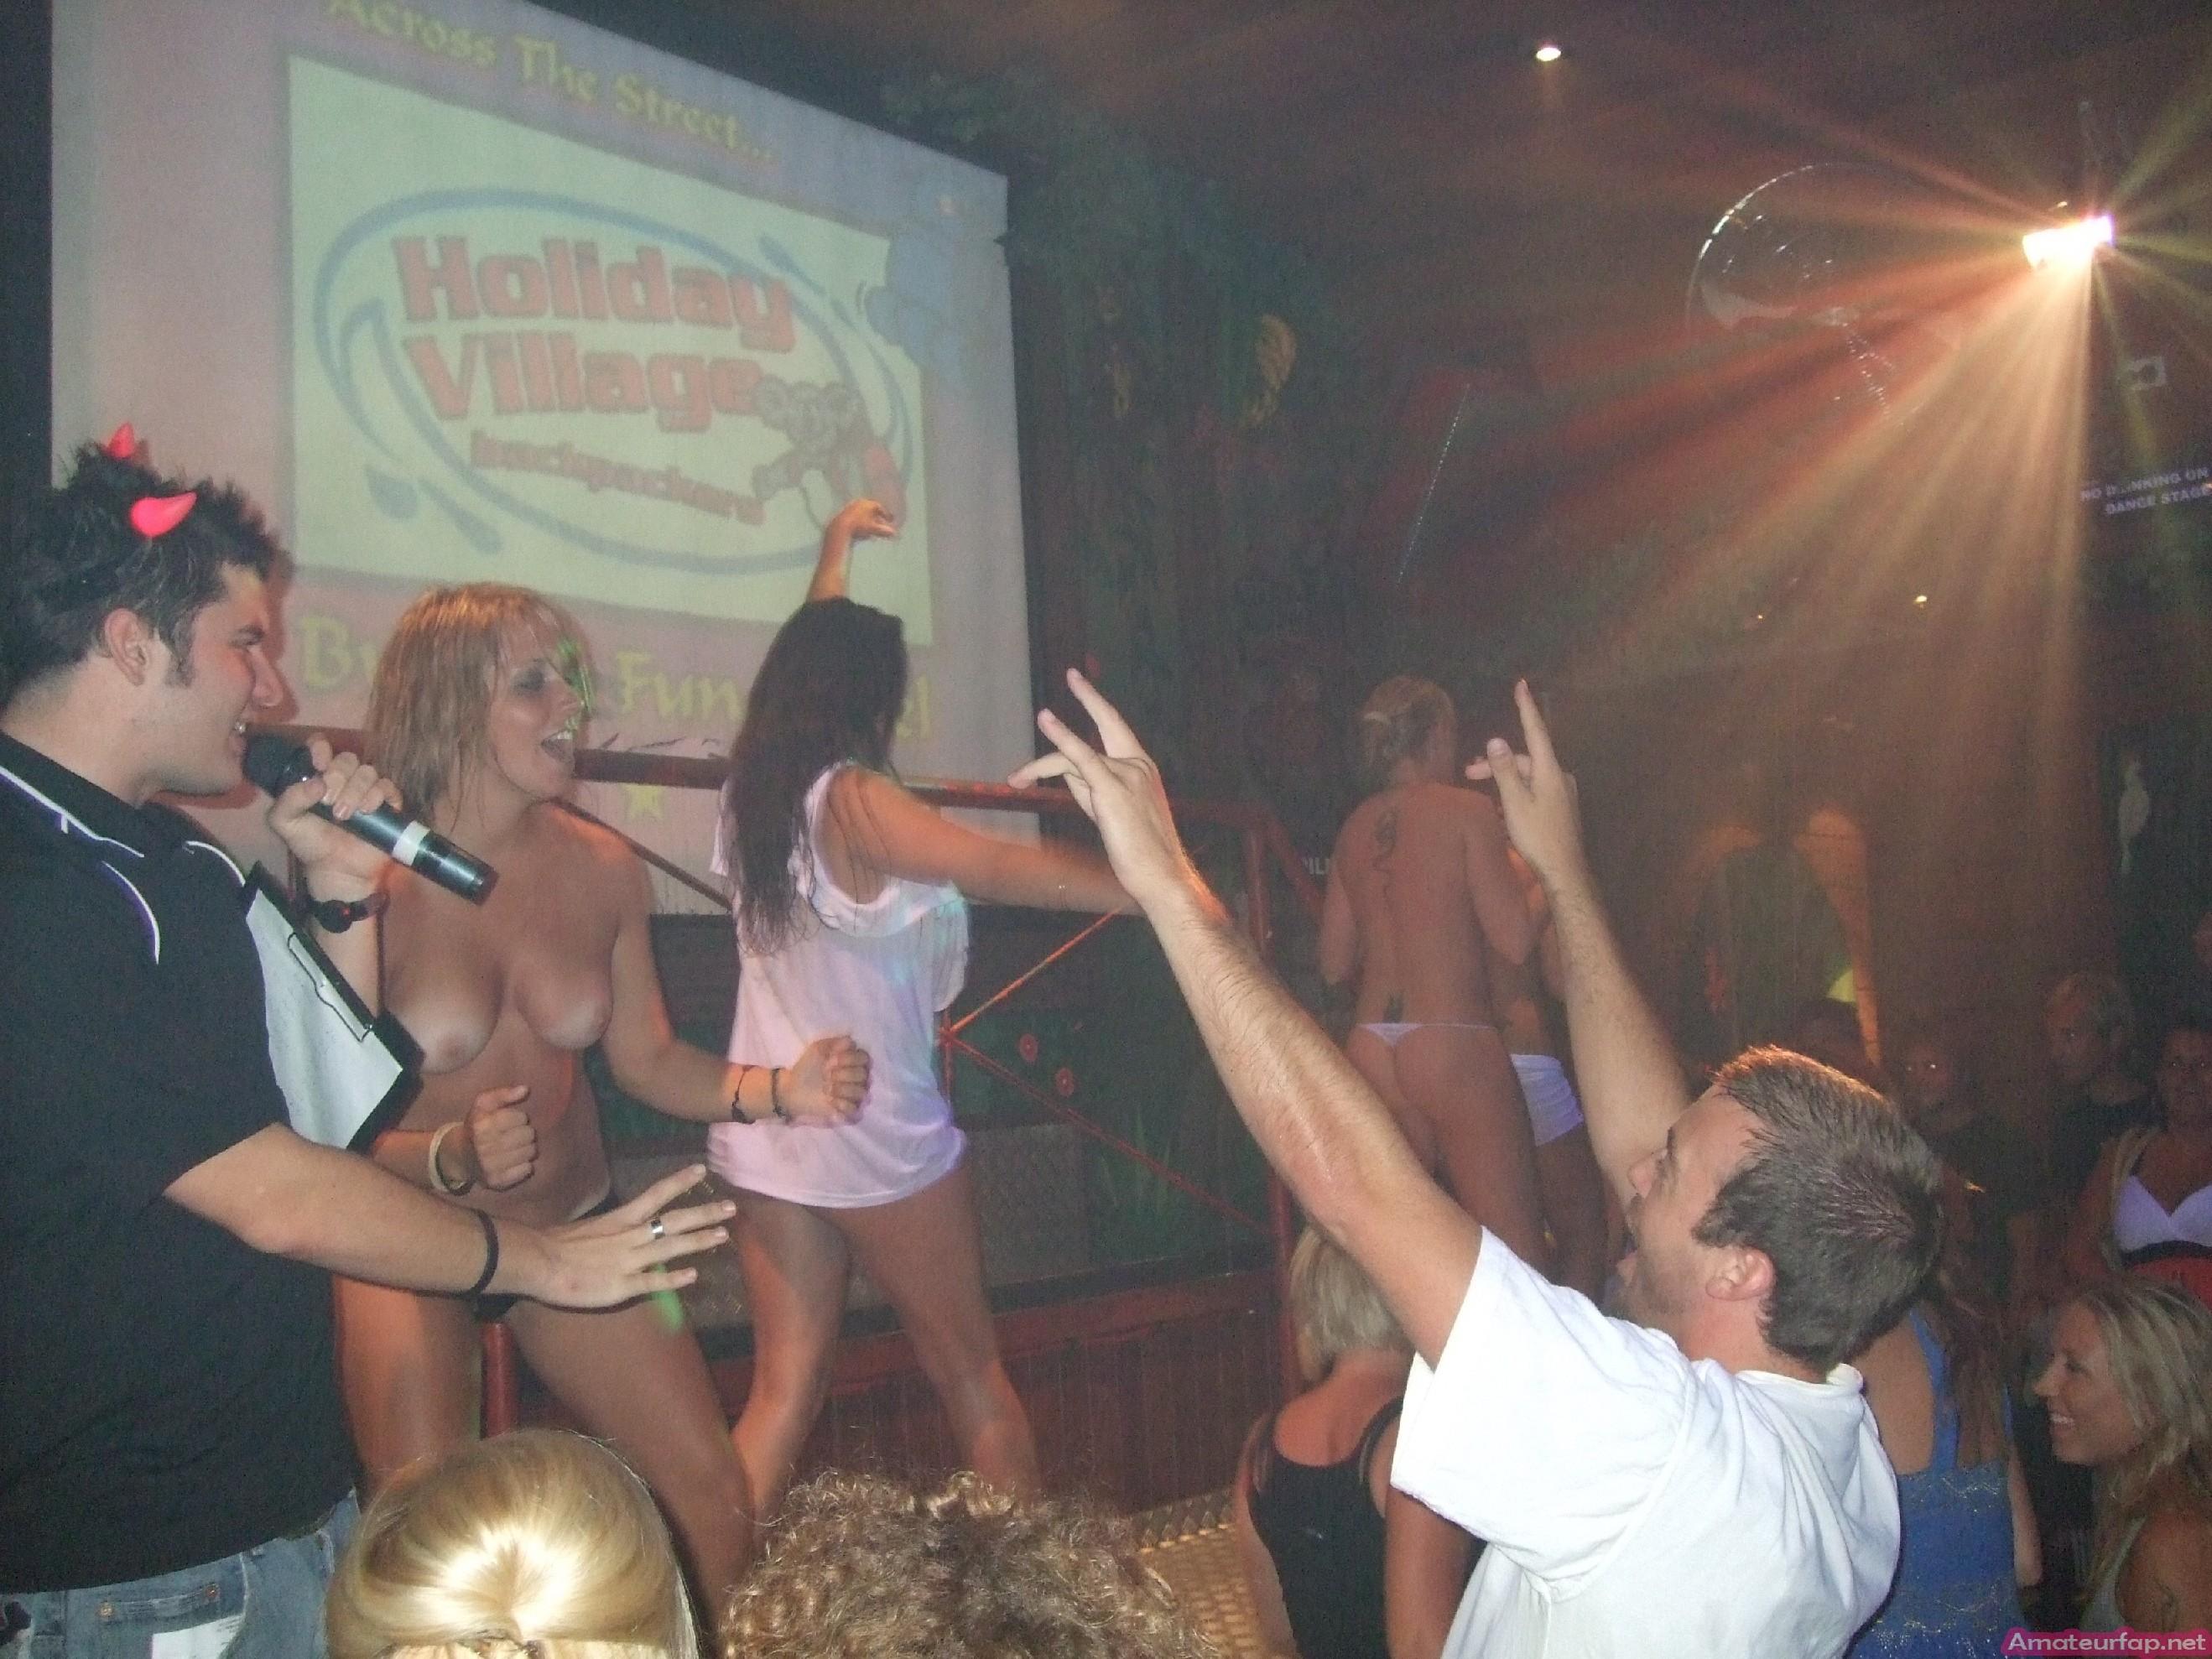 Обнаженные девушки в клубах и на тусовках в пьяном состоянии показывают сиськи